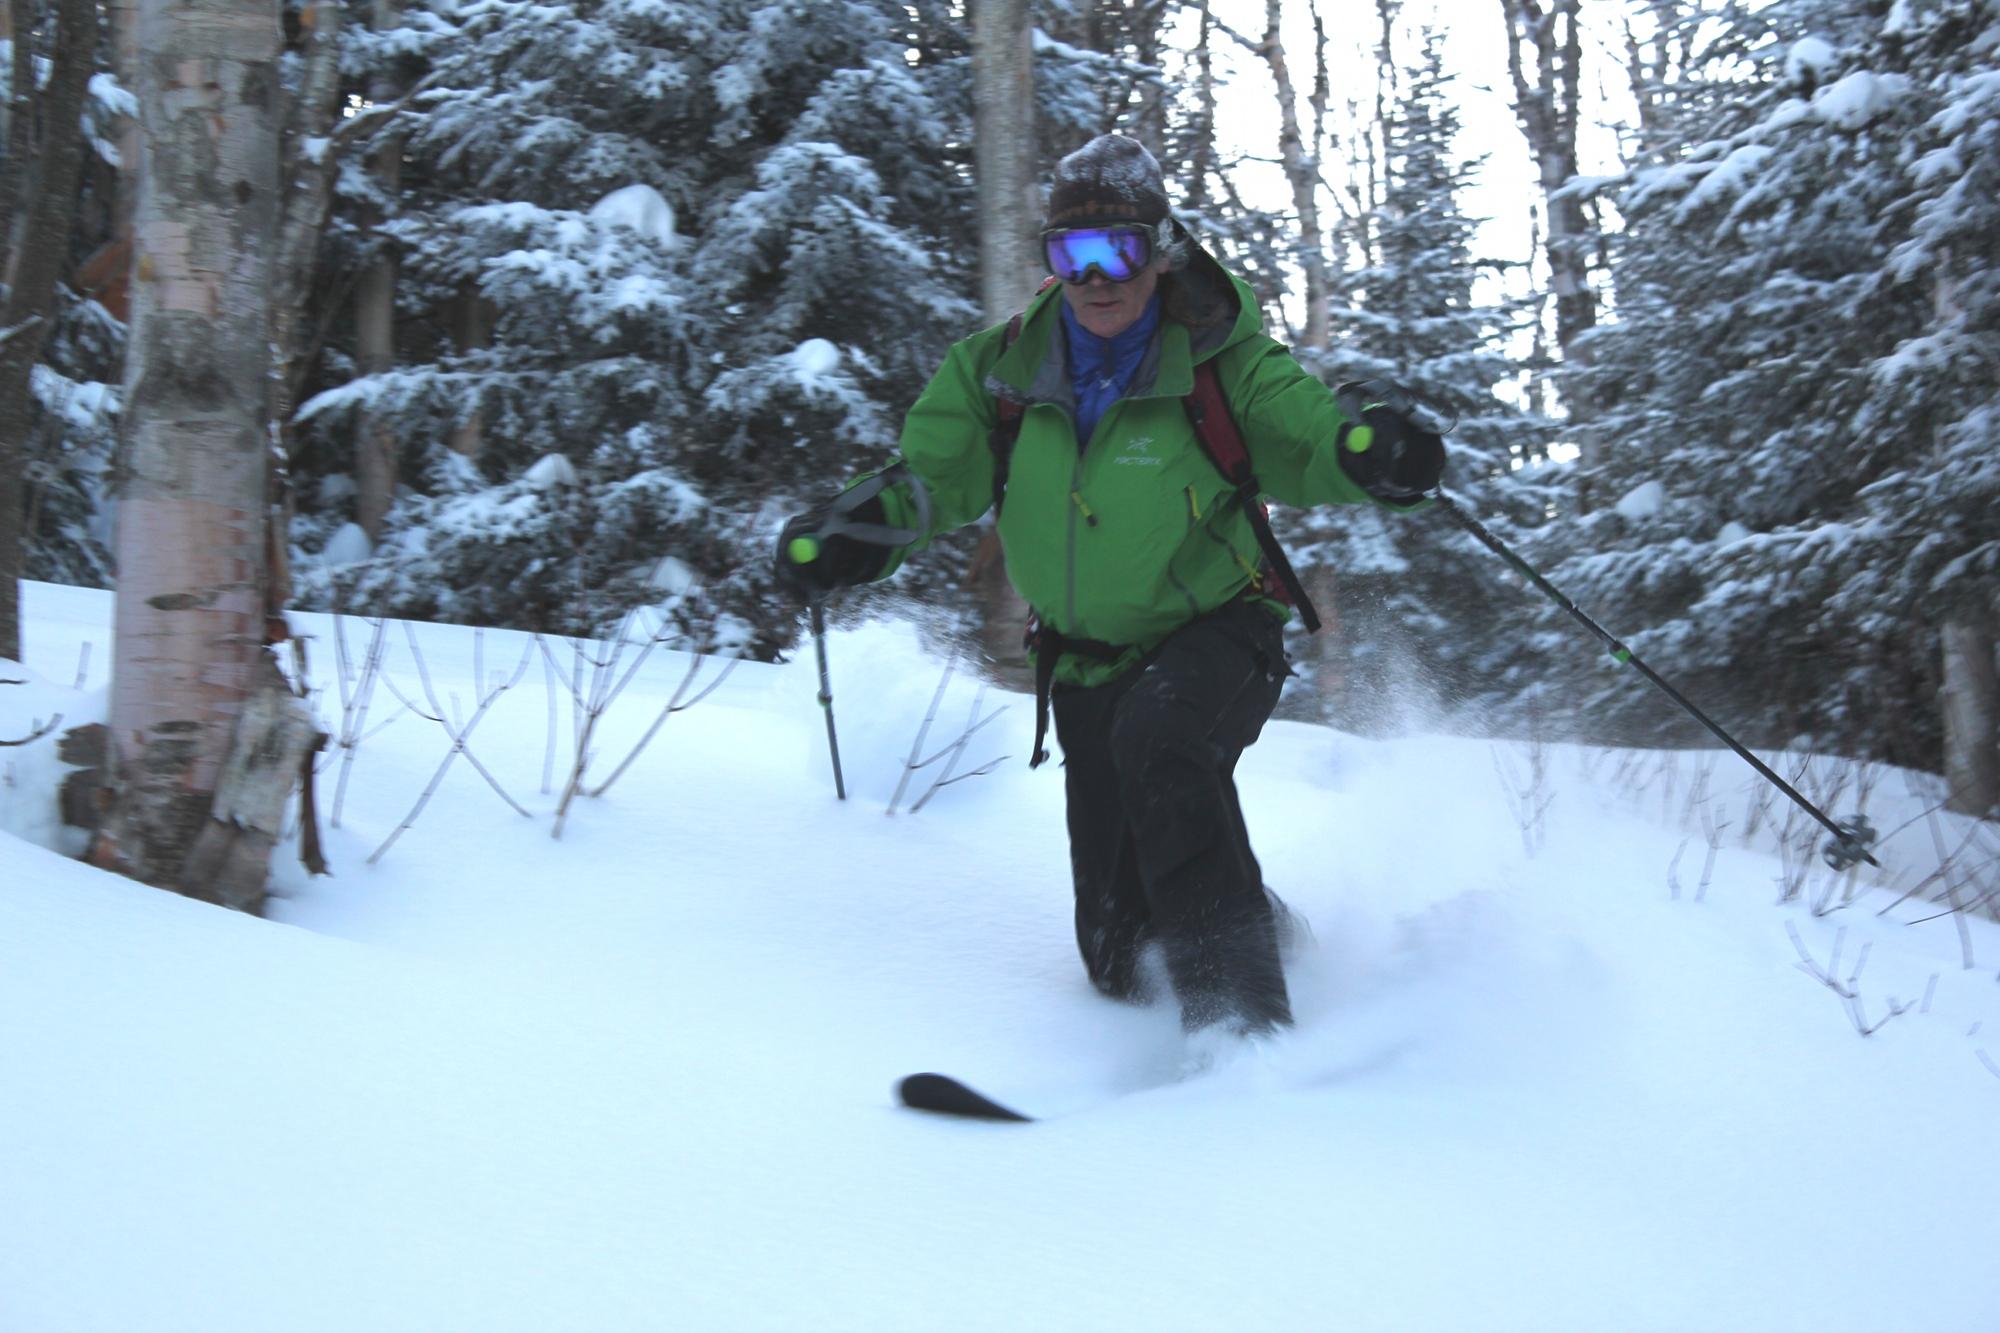 Ron Konowitz skis on Lyon Mountain